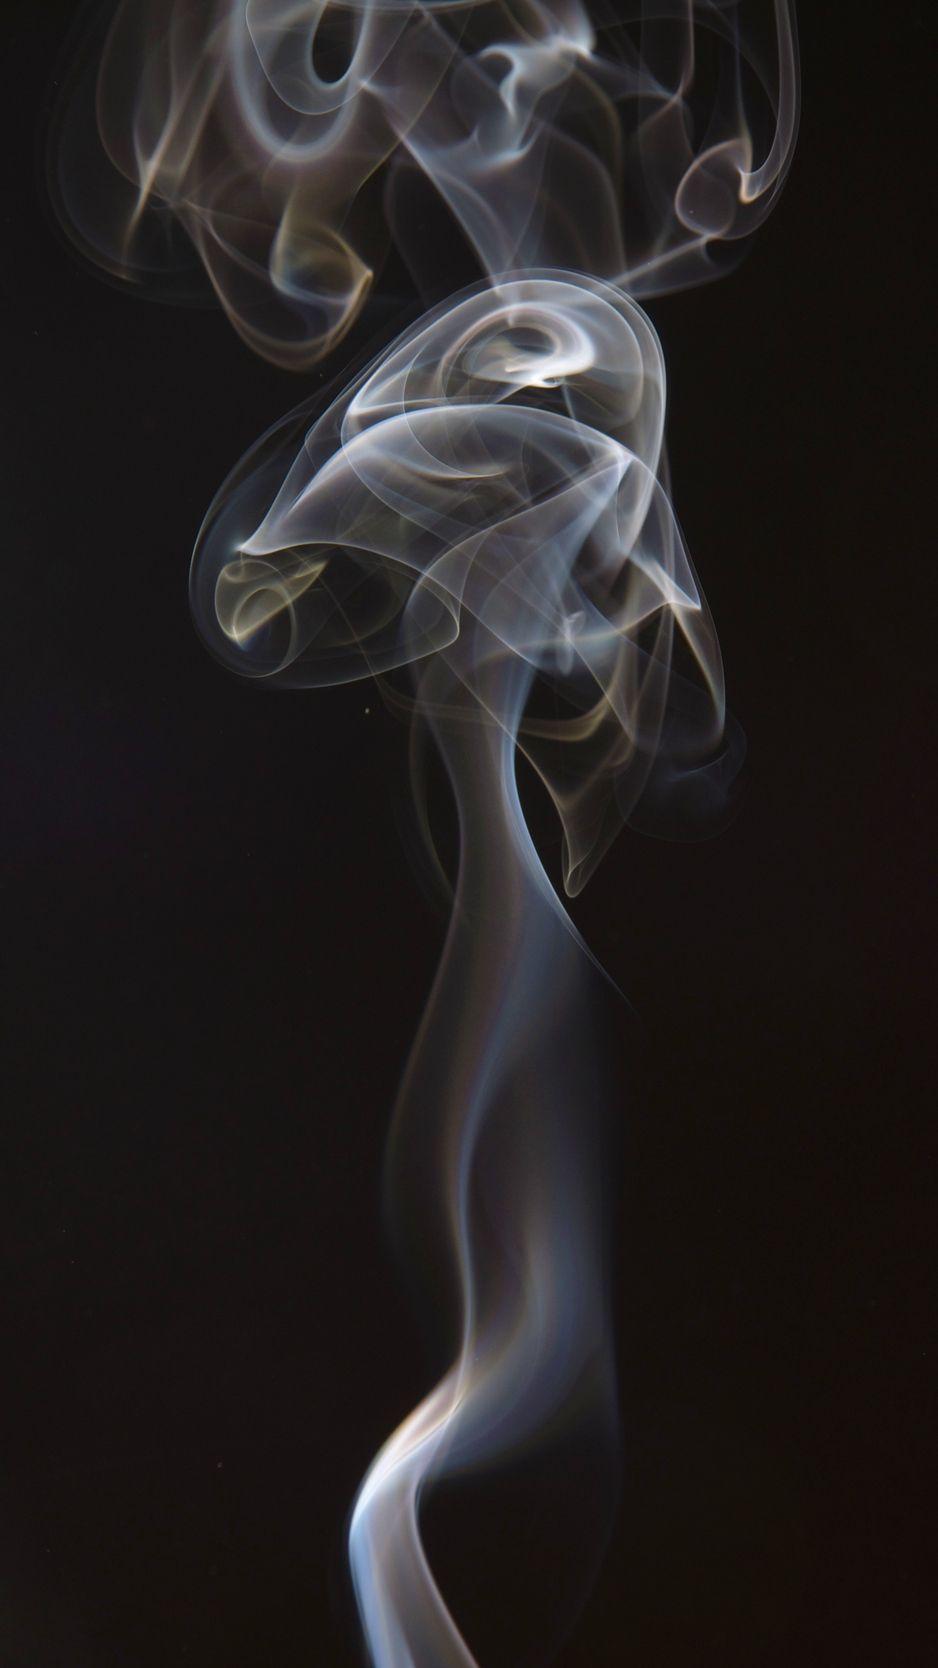 Smoke Iphone Wallpapers On Wallpaperdog